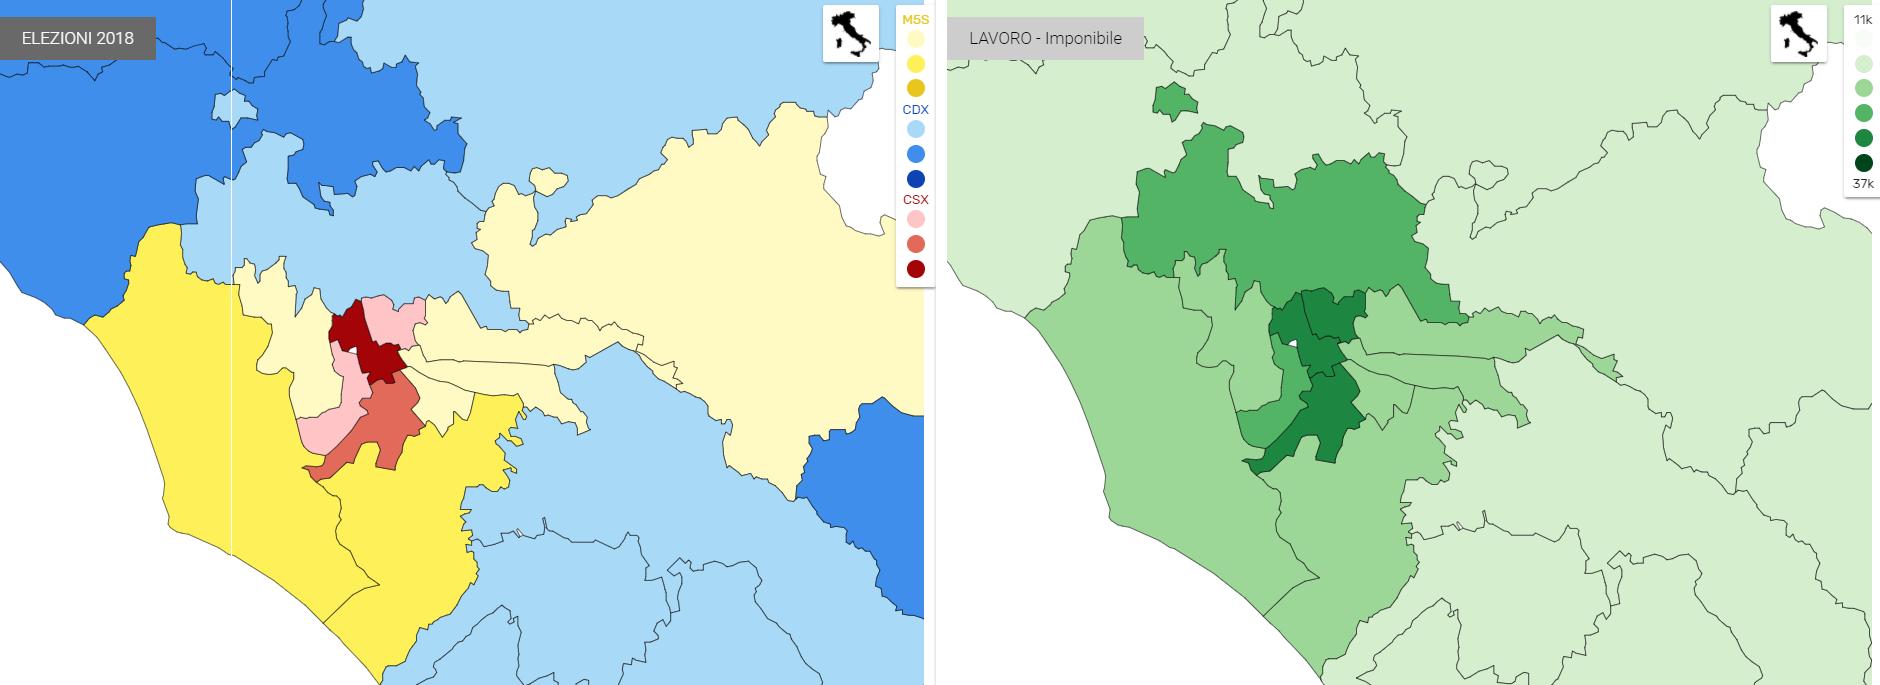 1 5 Addio zone rosse: il centrosinistra si rinchiude nei centri urbani